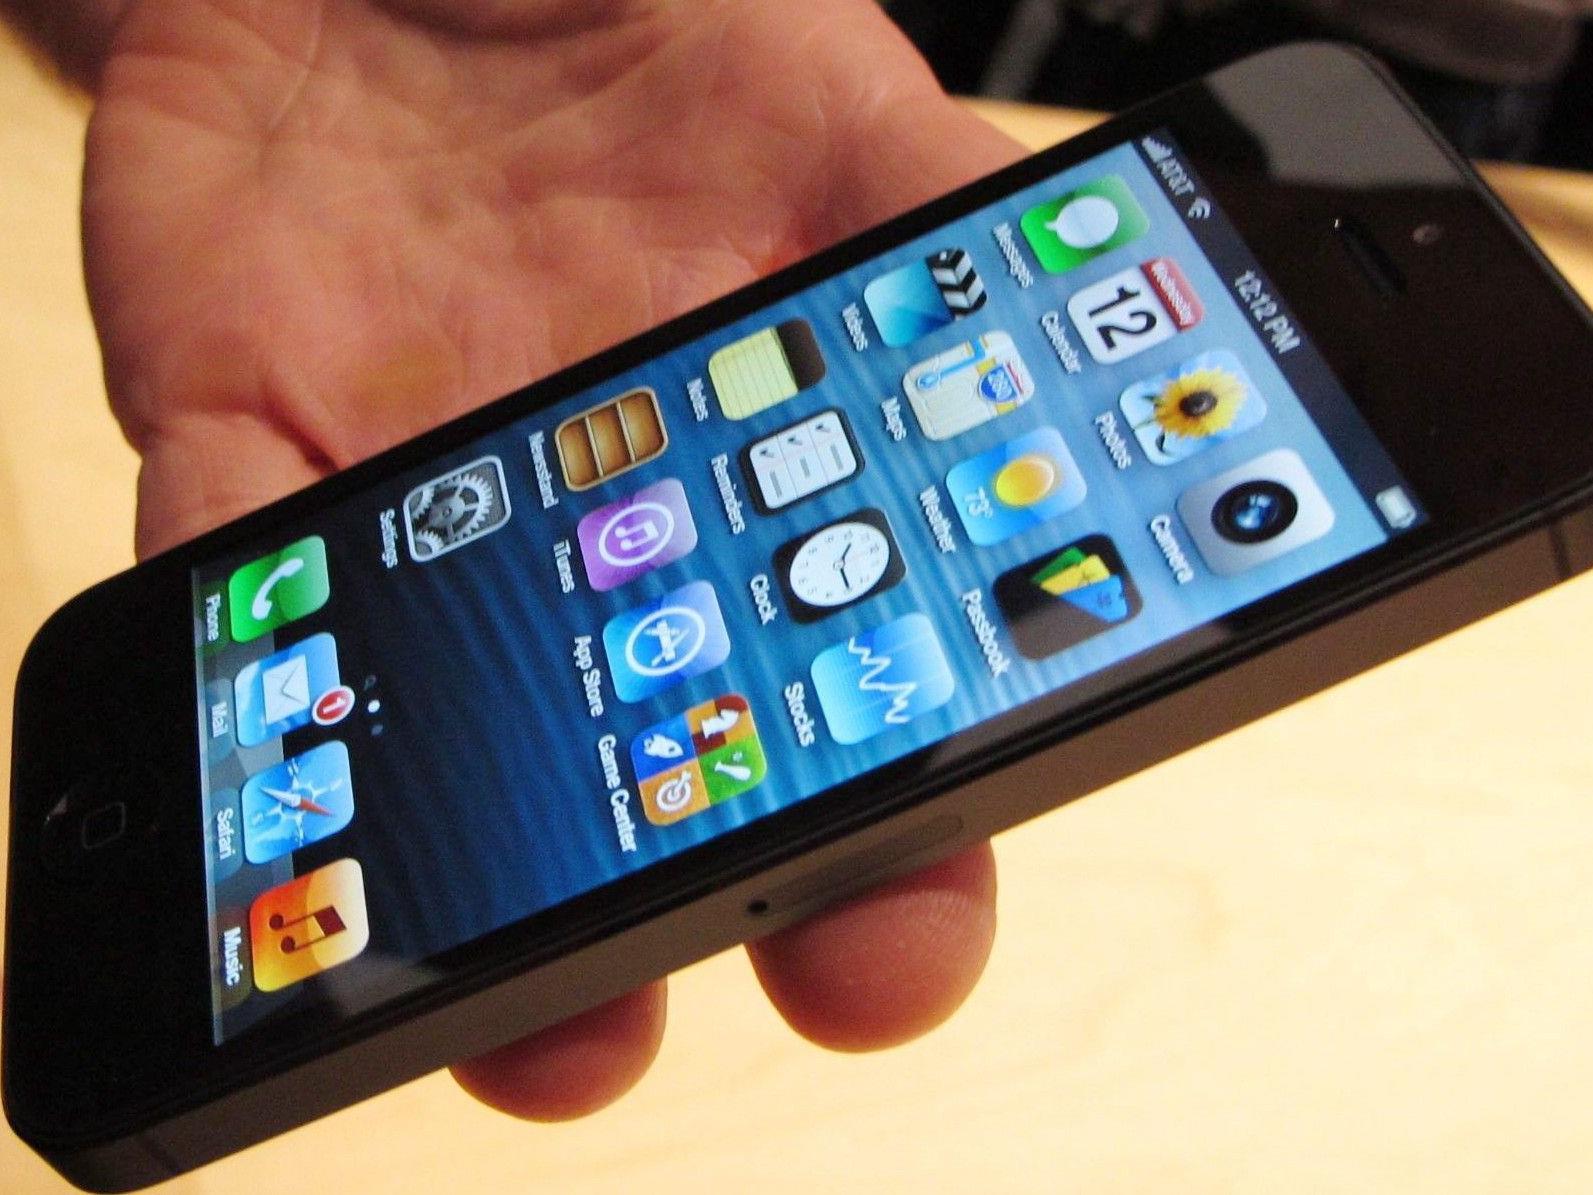 Ab dem 21. September kann man das IPhone 5 vorbestellen.